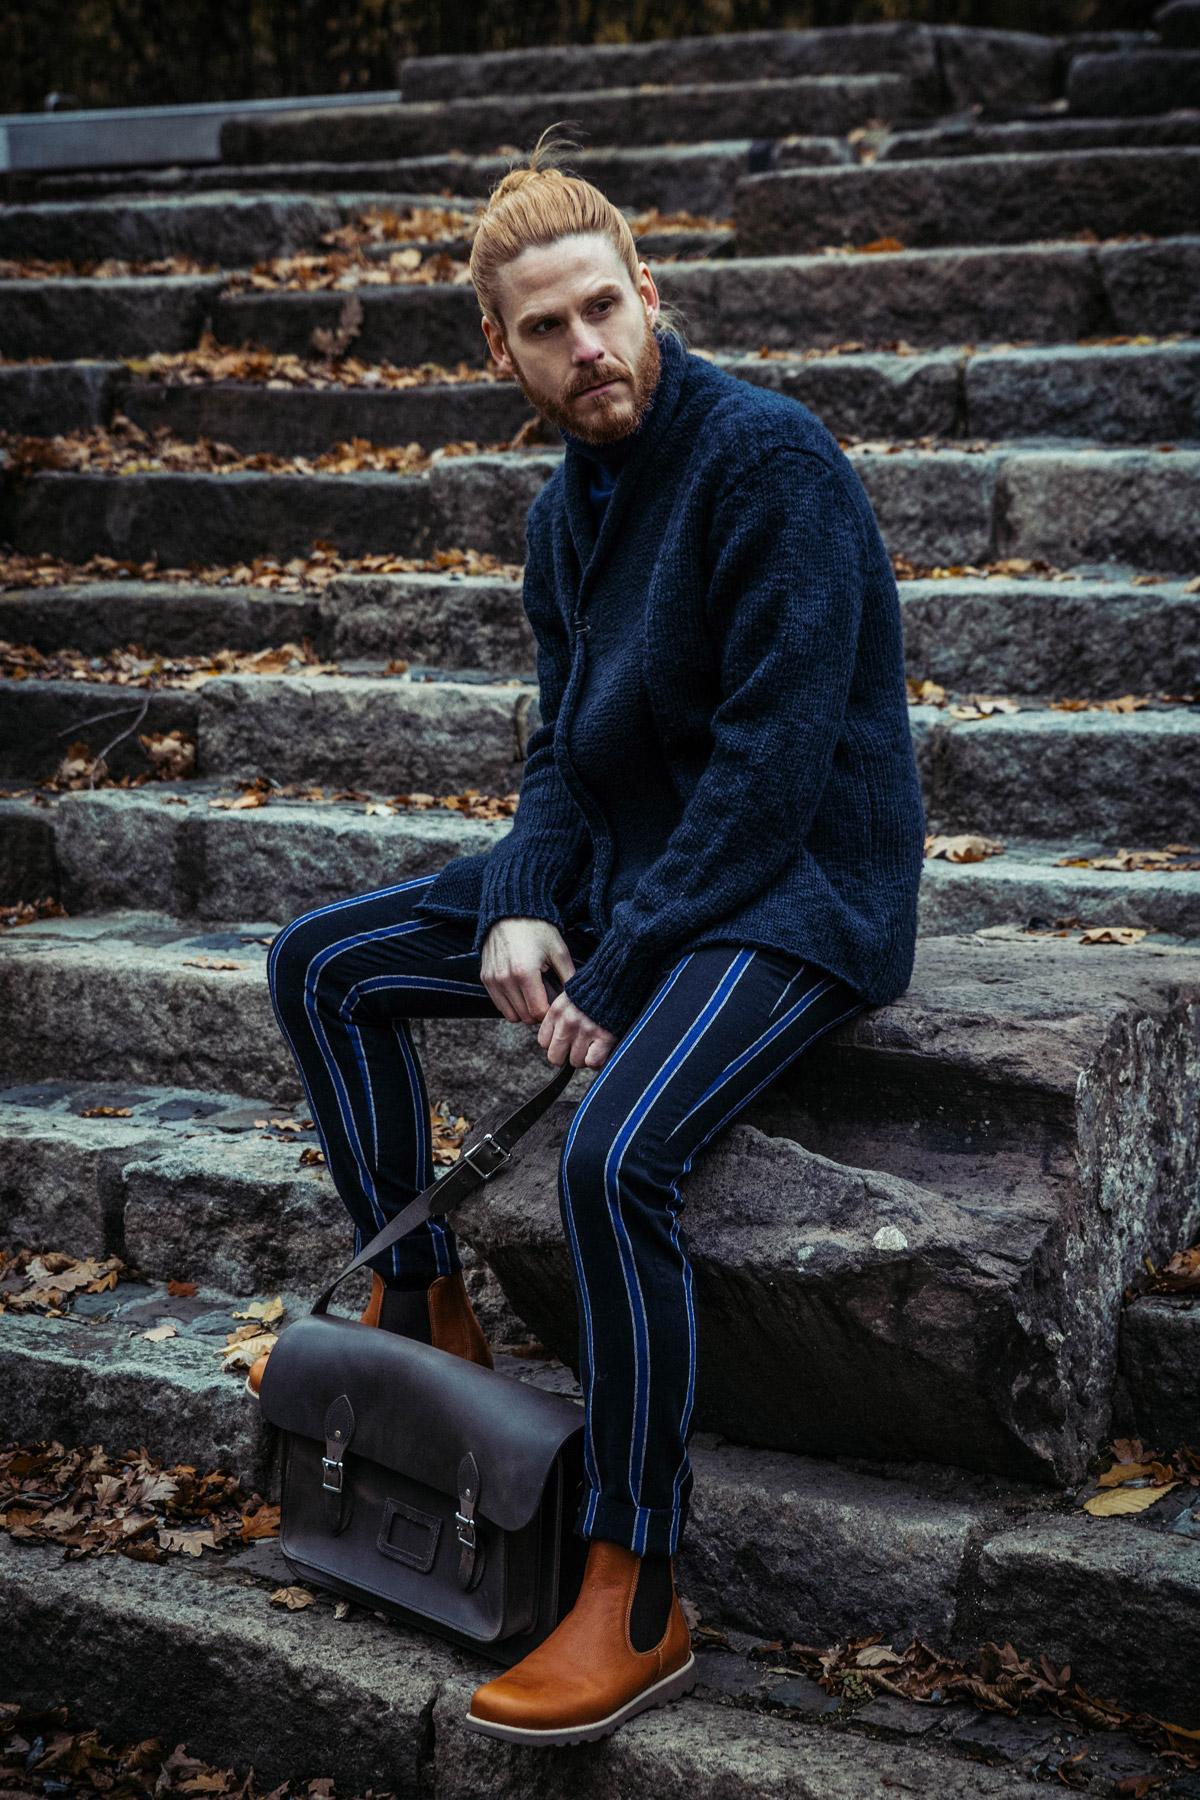 Maennermode-Influencer-Winterlook-Outfit-Strickjacek-Boots-Ledertasche